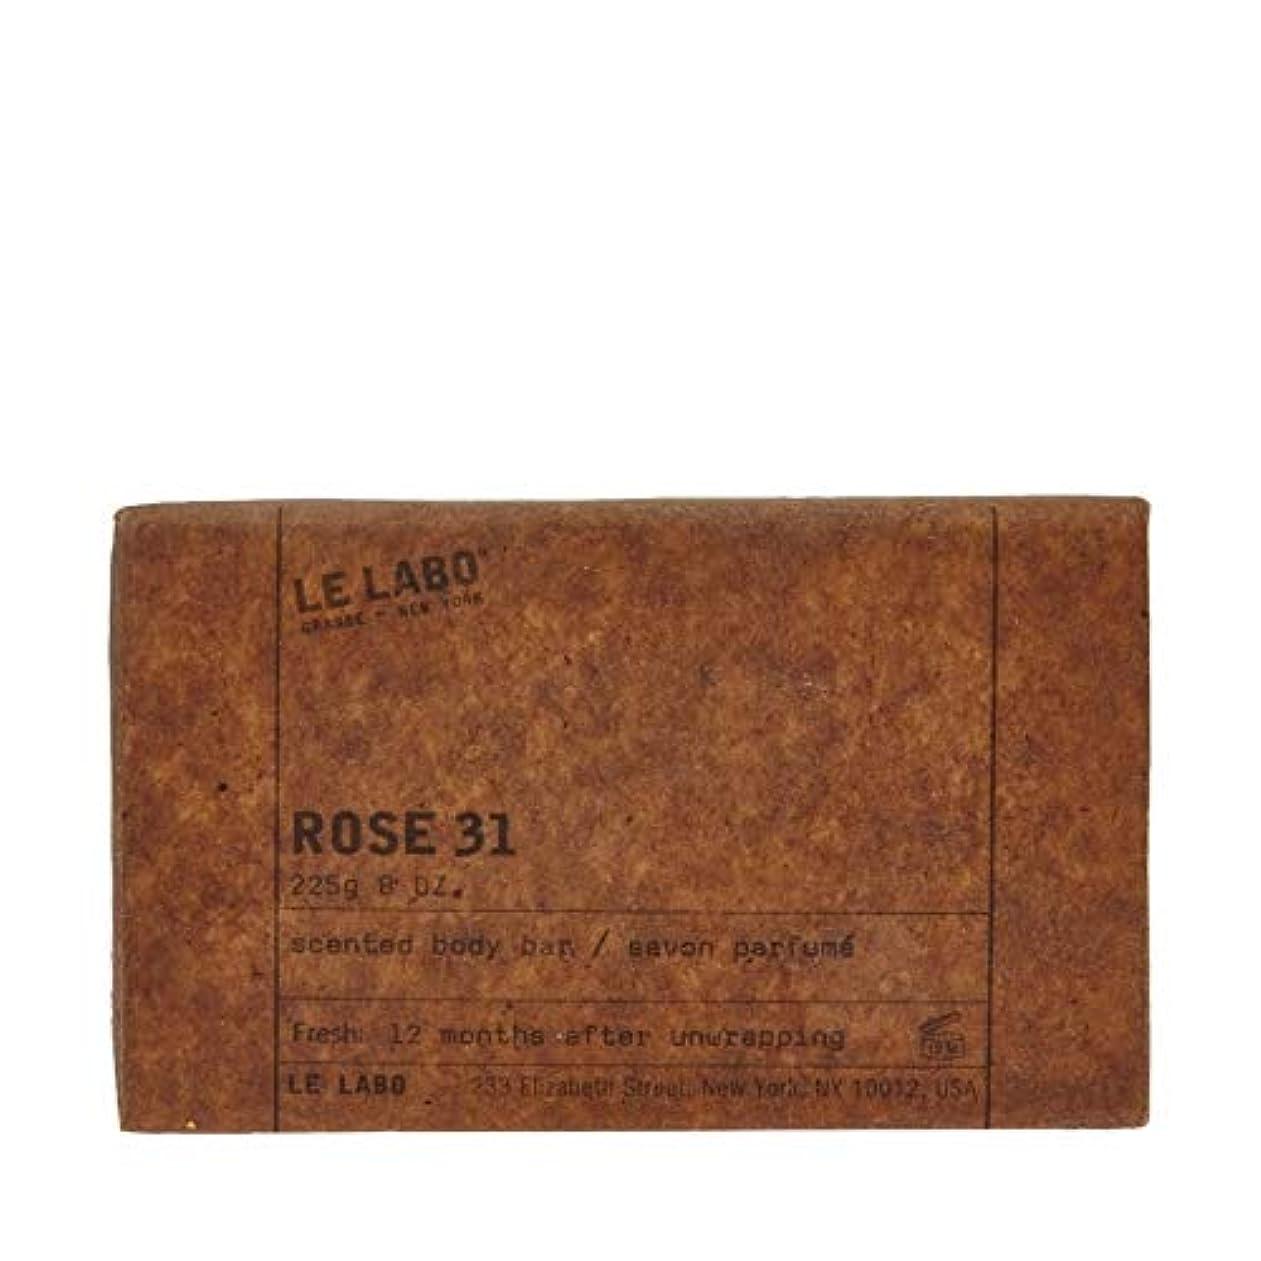 埋め込む割合バウンス[Le Labo ] ル?ラボルラボ31石鹸の225グラムをバラ - Le Labo Le Labo Rose 31 Soap 225g [並行輸入品]